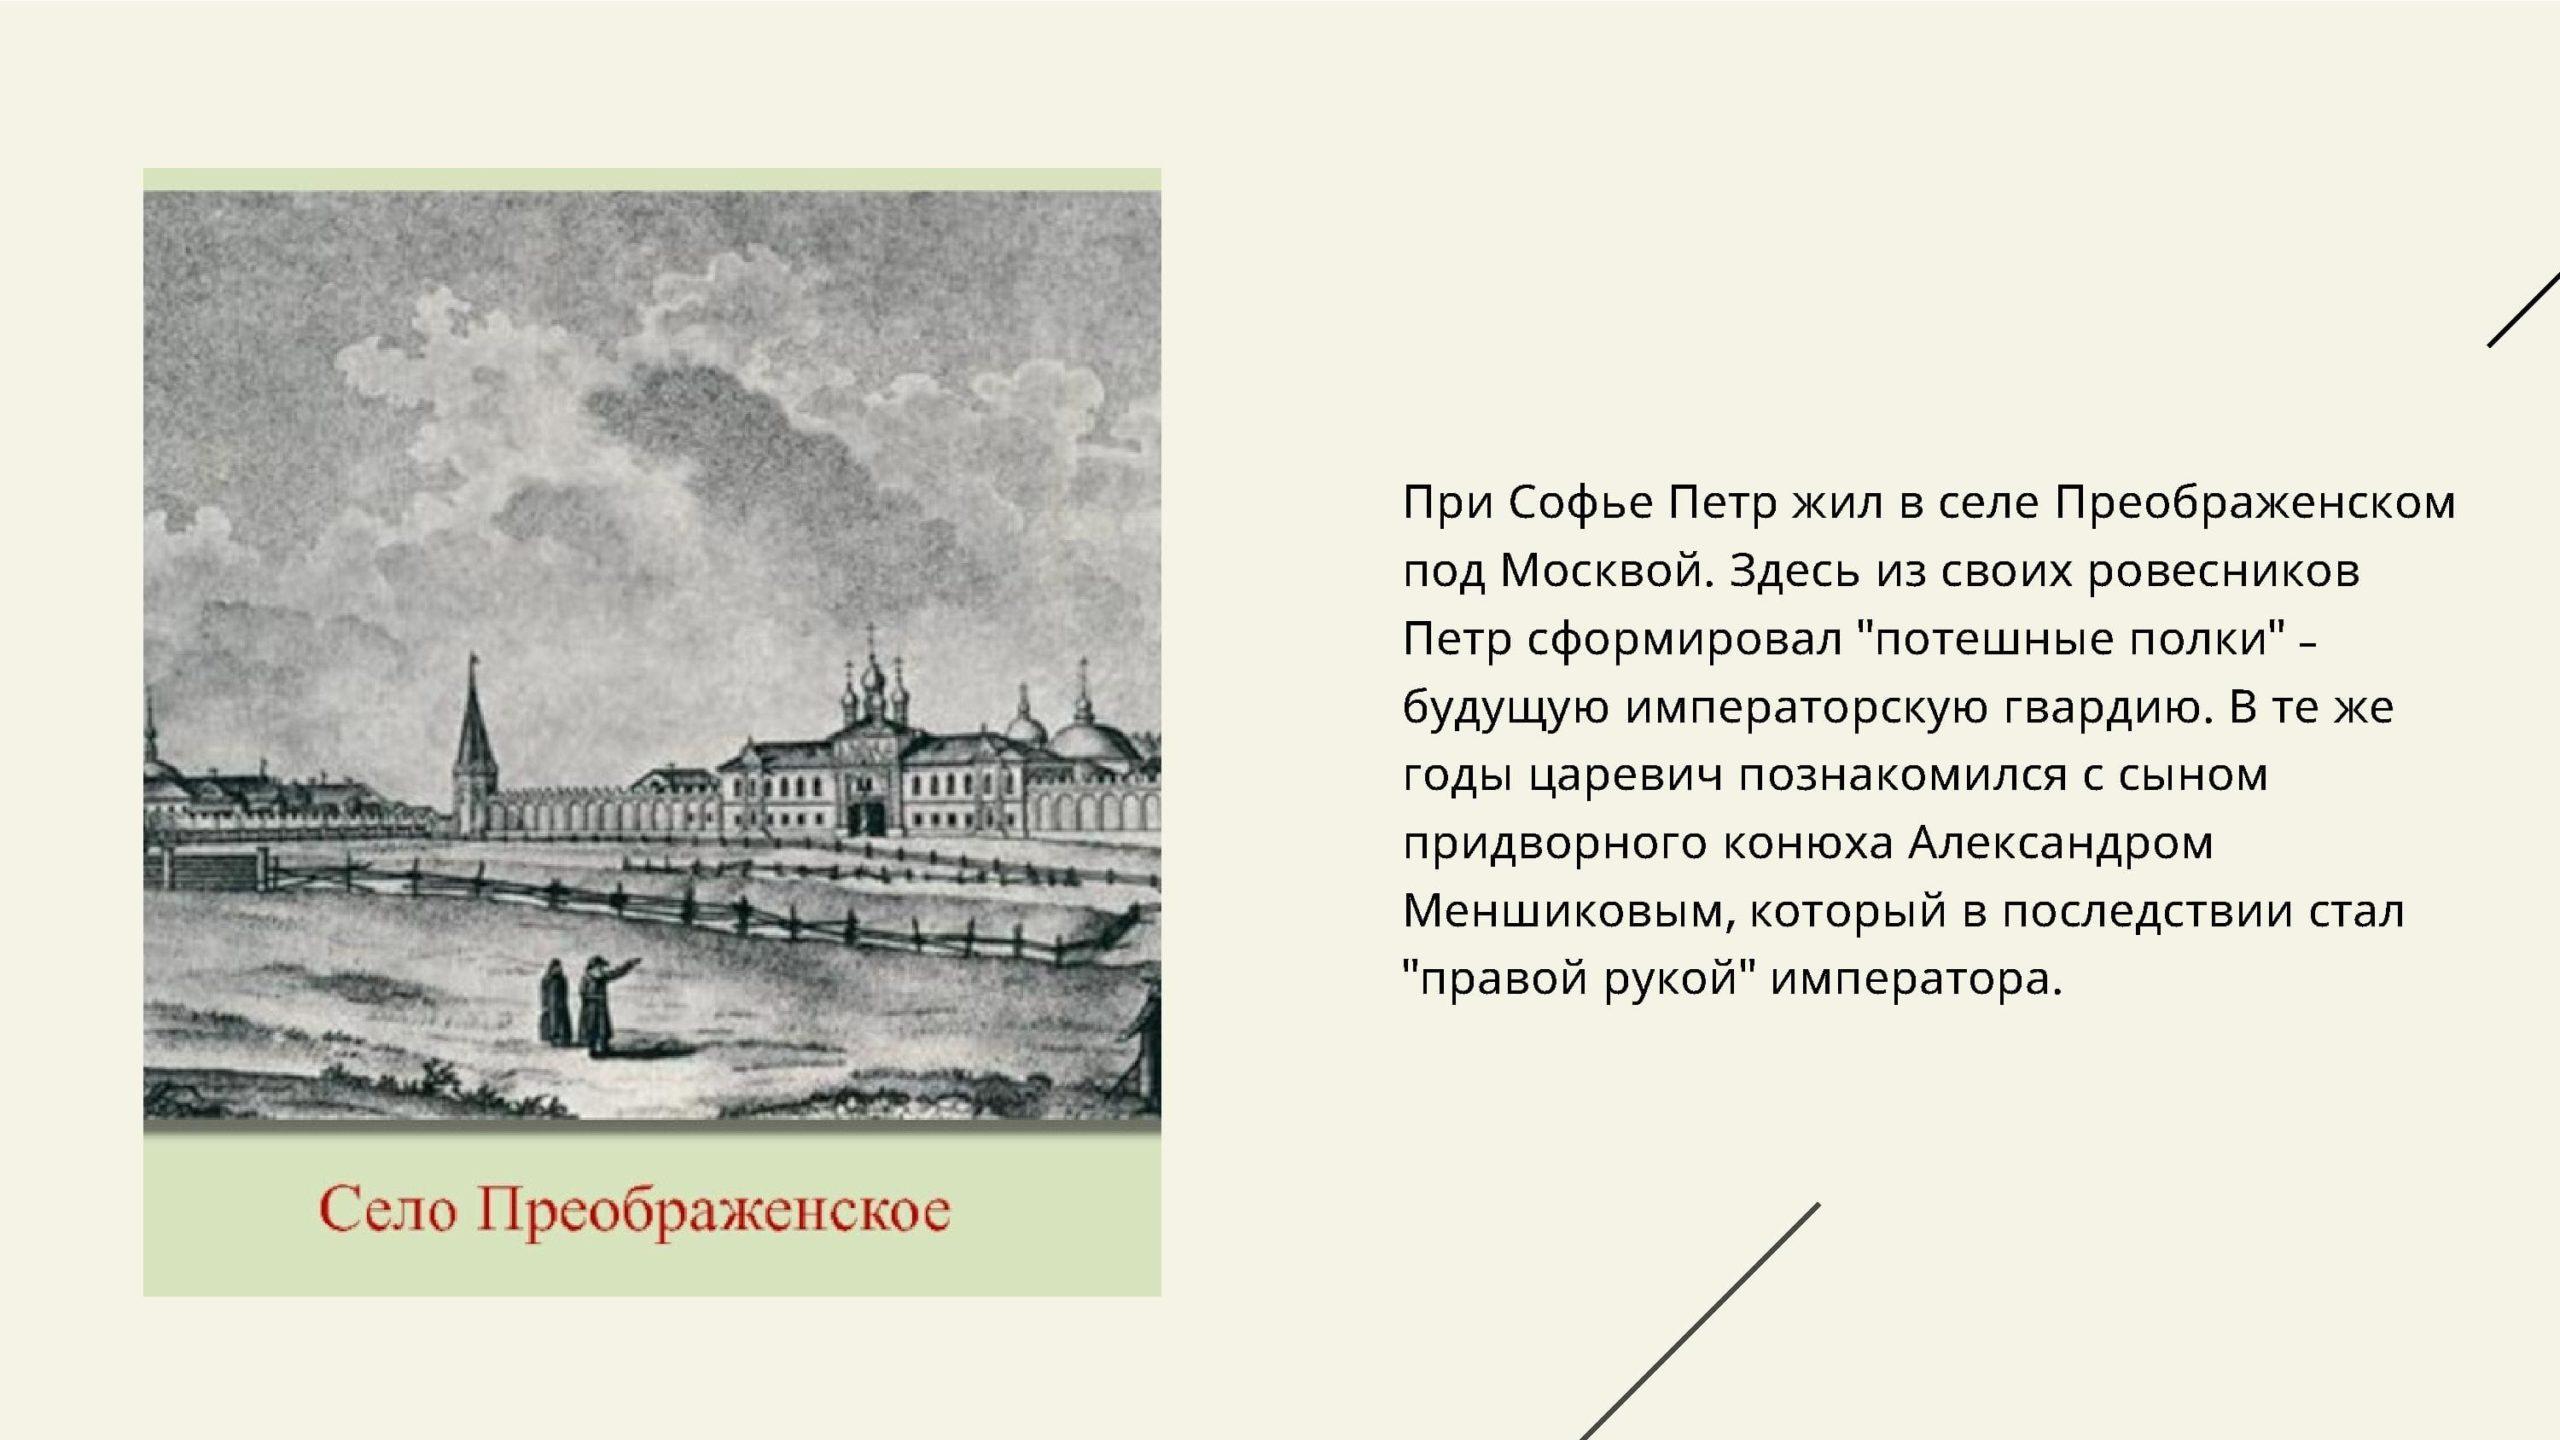 При Софье Пётр жил в селе Преображенском под Москвой